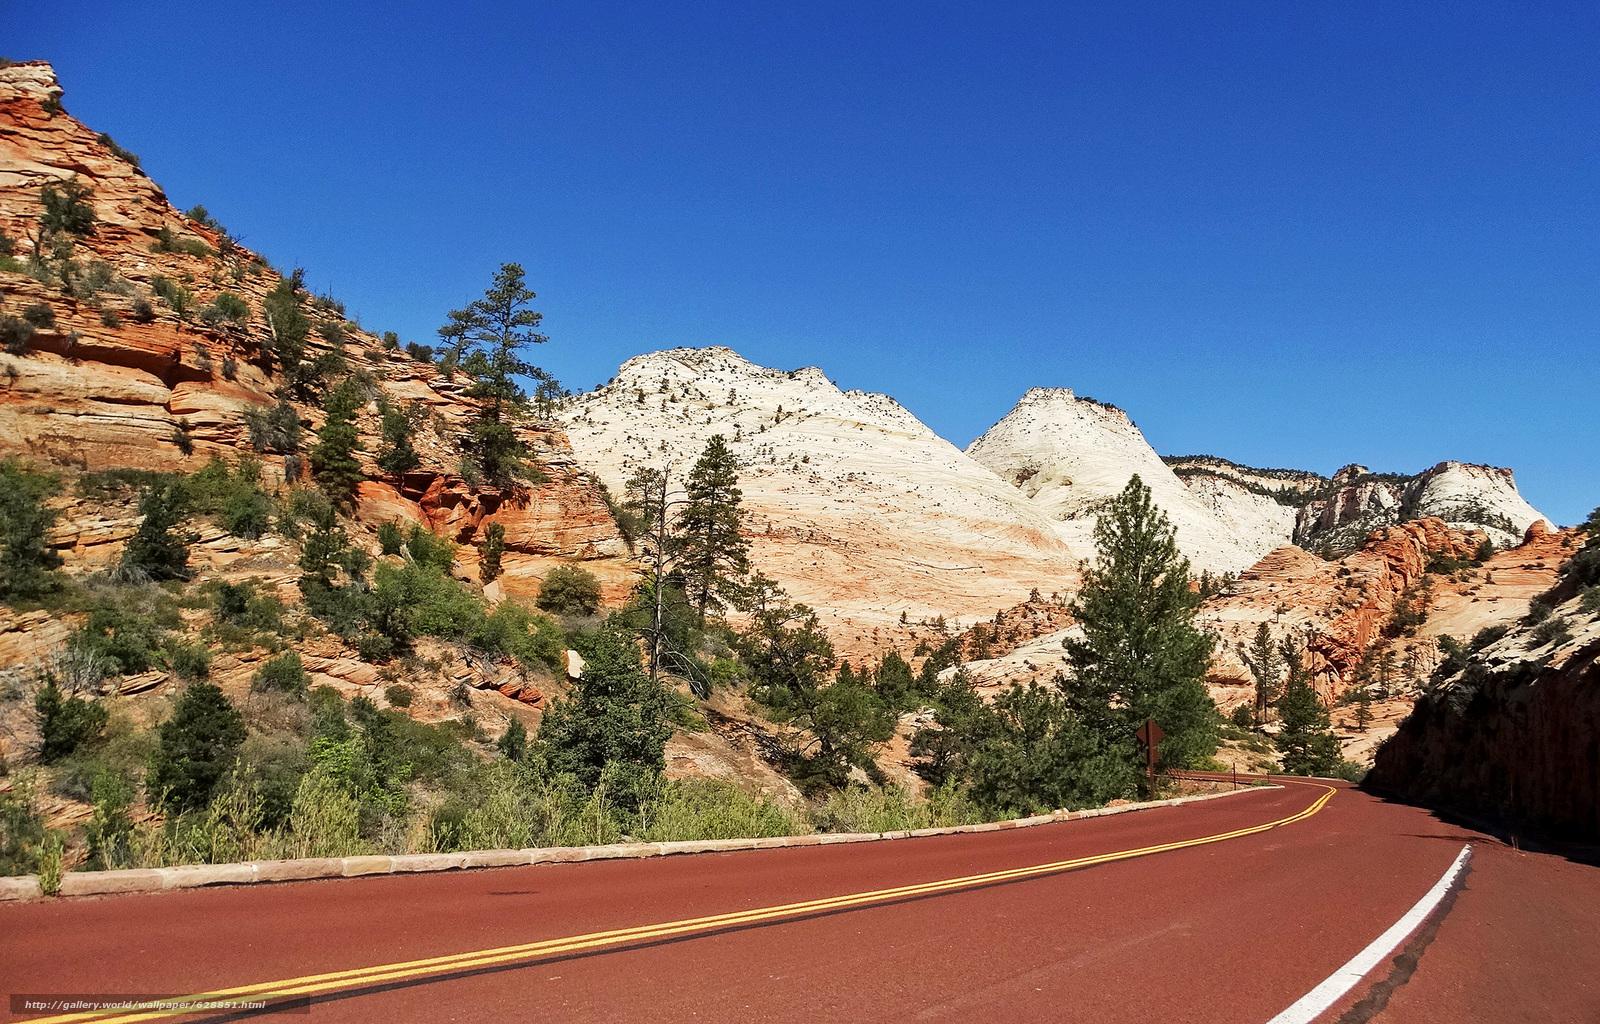 Обои Zion National Park, дорога, горы, пейзаж